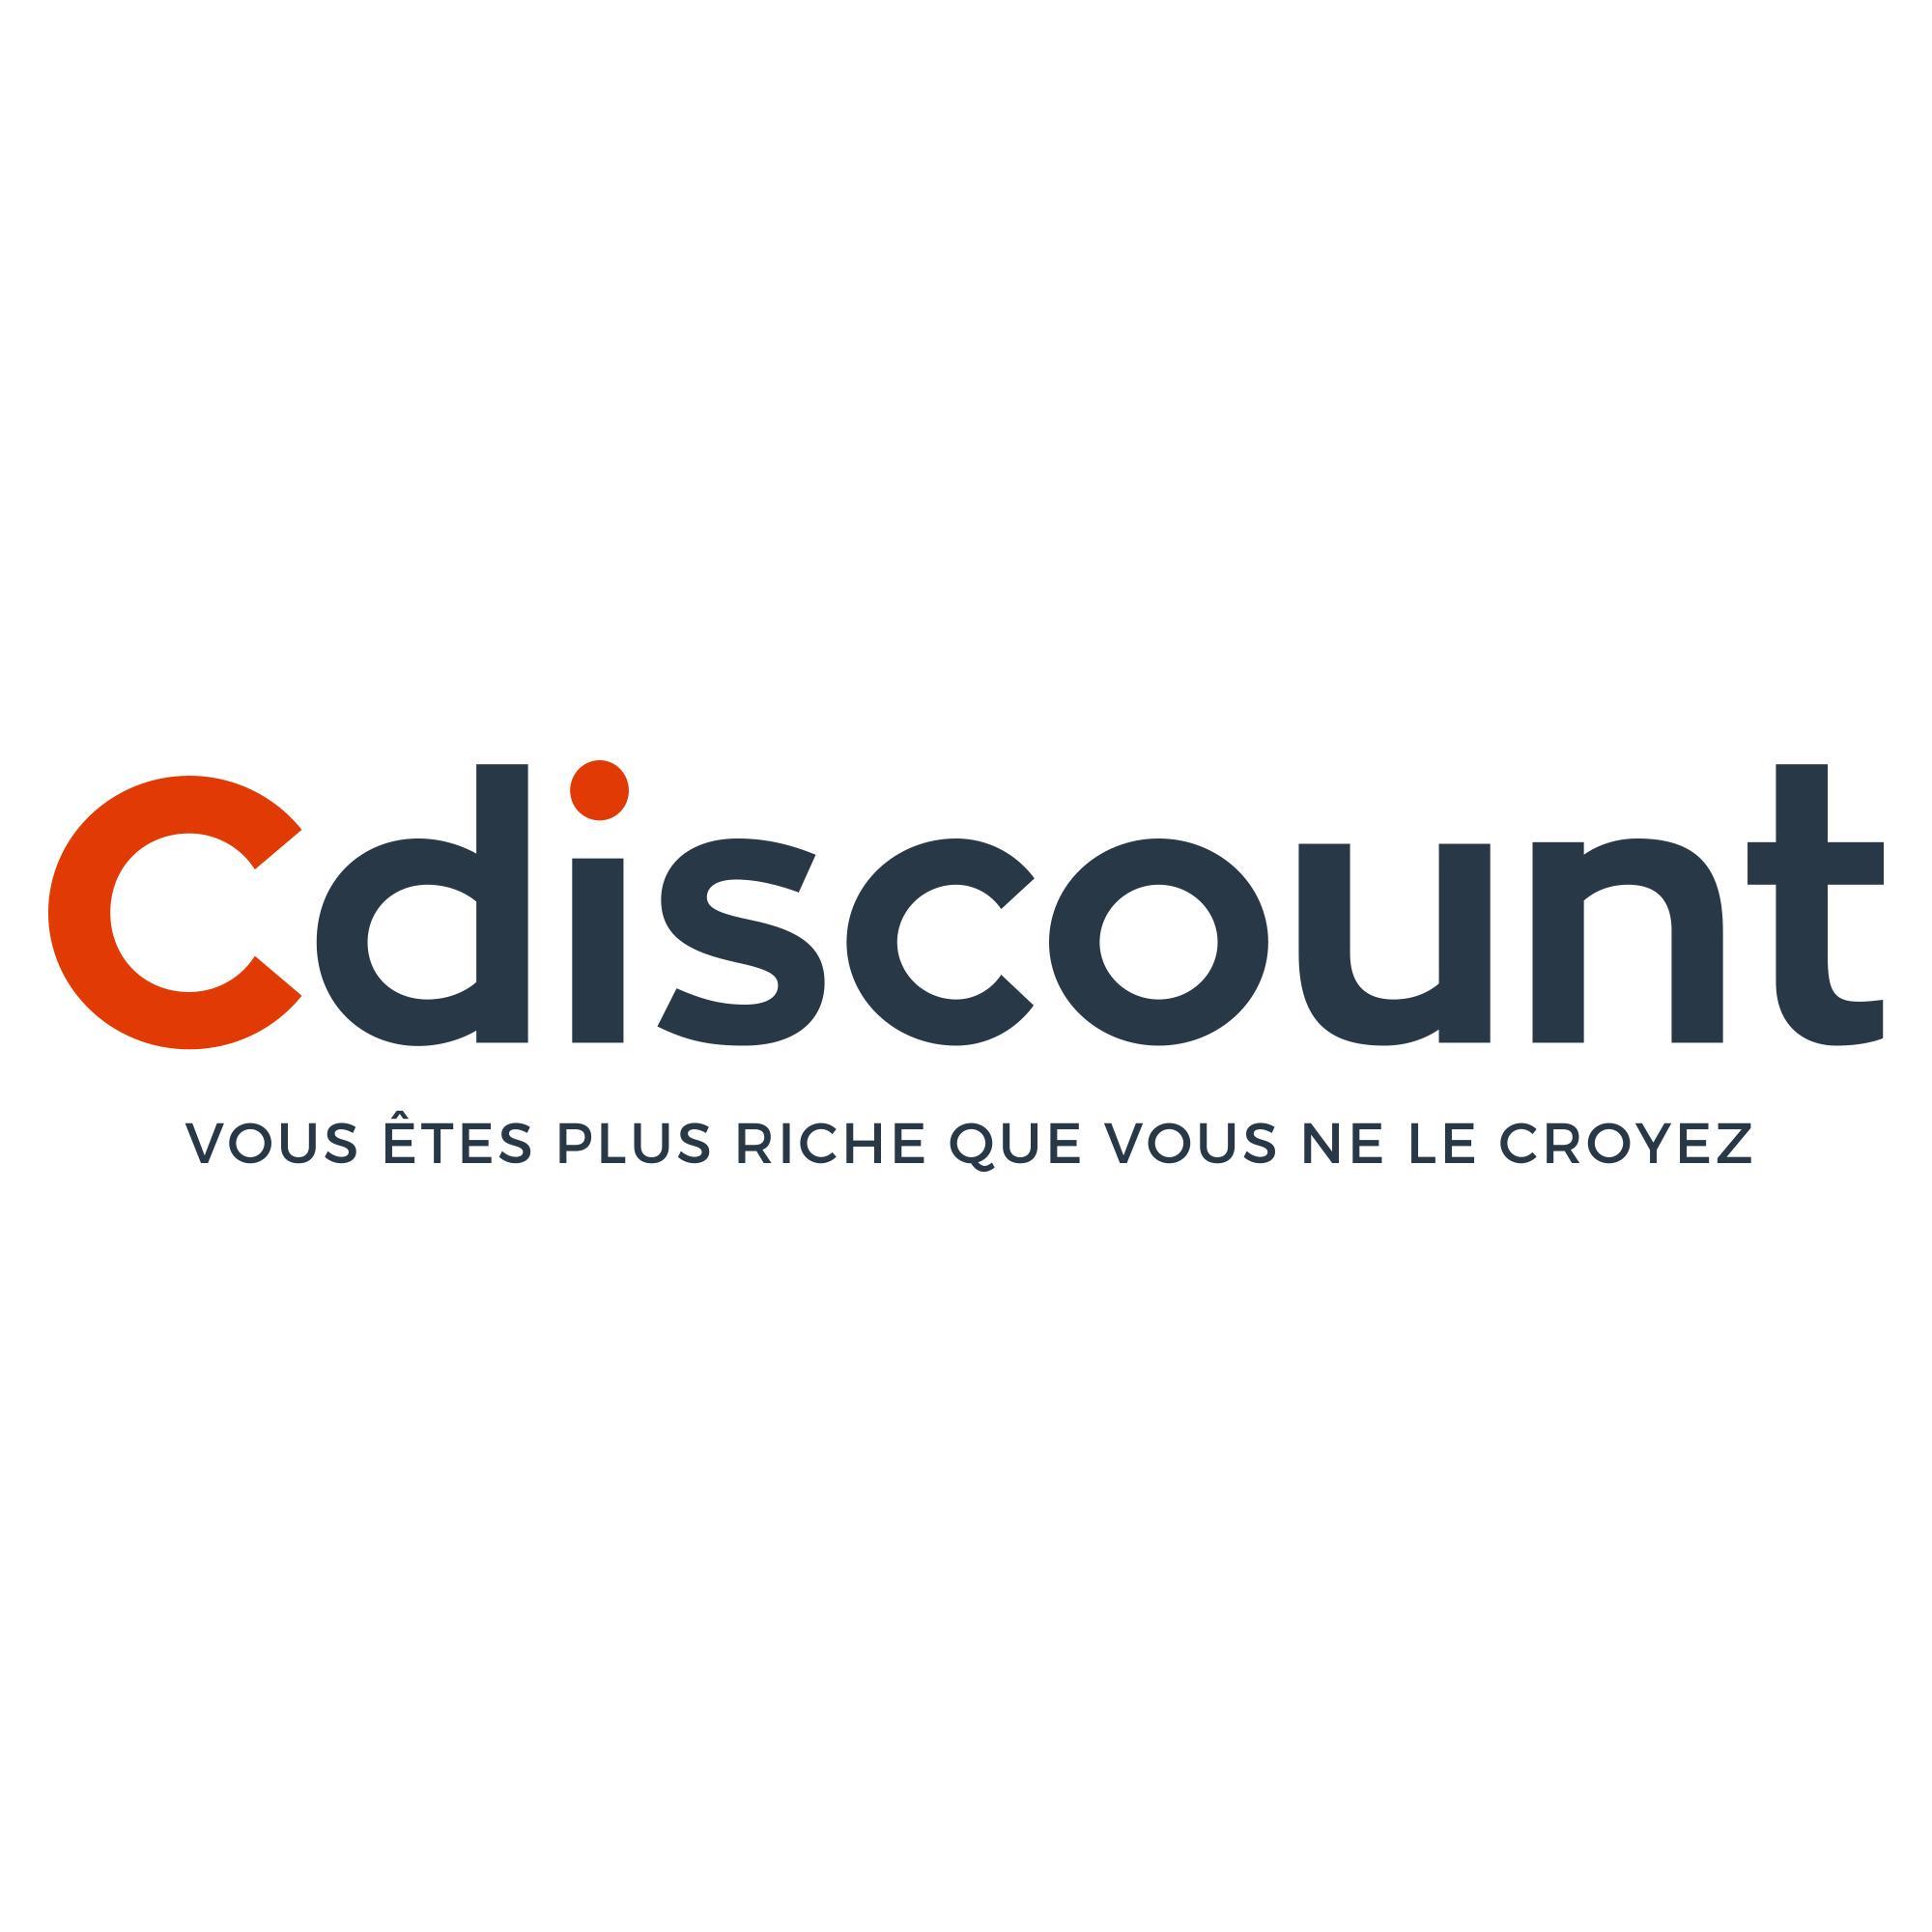 10€ de réduction dès 149€ d'achat, 25€ dès 299€ et 50€ dès 499€ sur tout le site (Marketplace inclus - Hors exceptions)